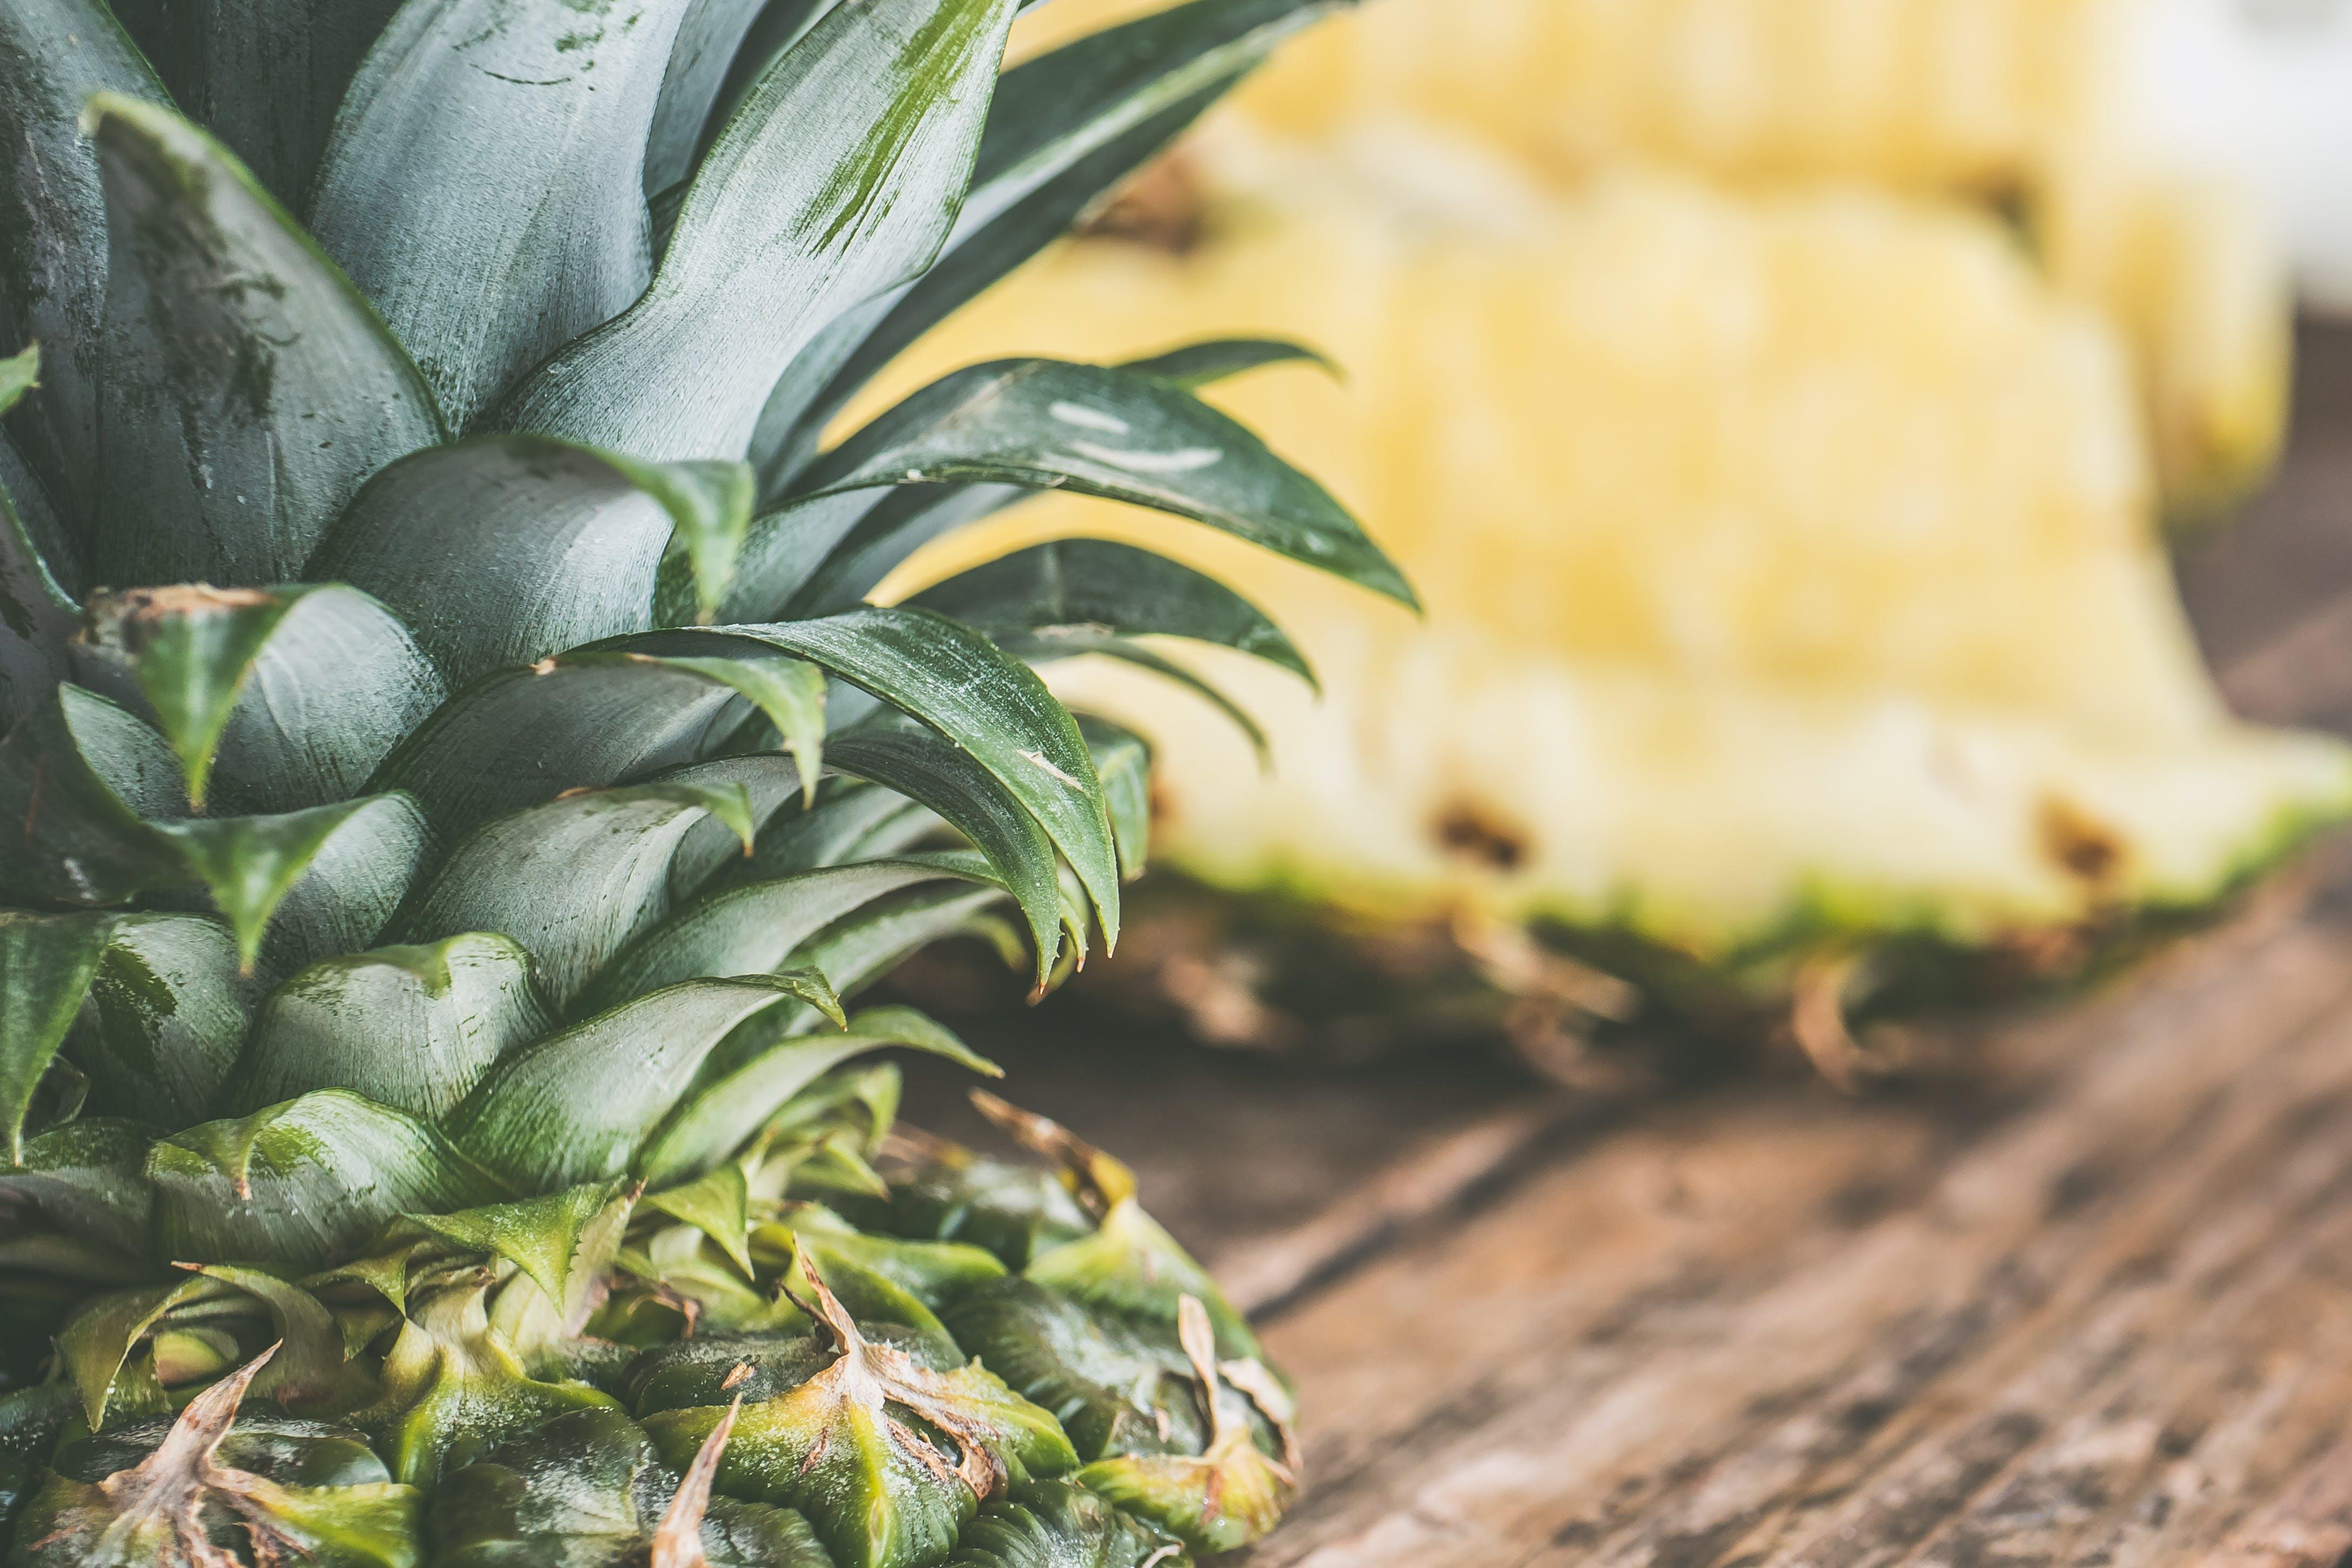 Gratis arkivbilde med ananas, delikat, ernæring, frisk